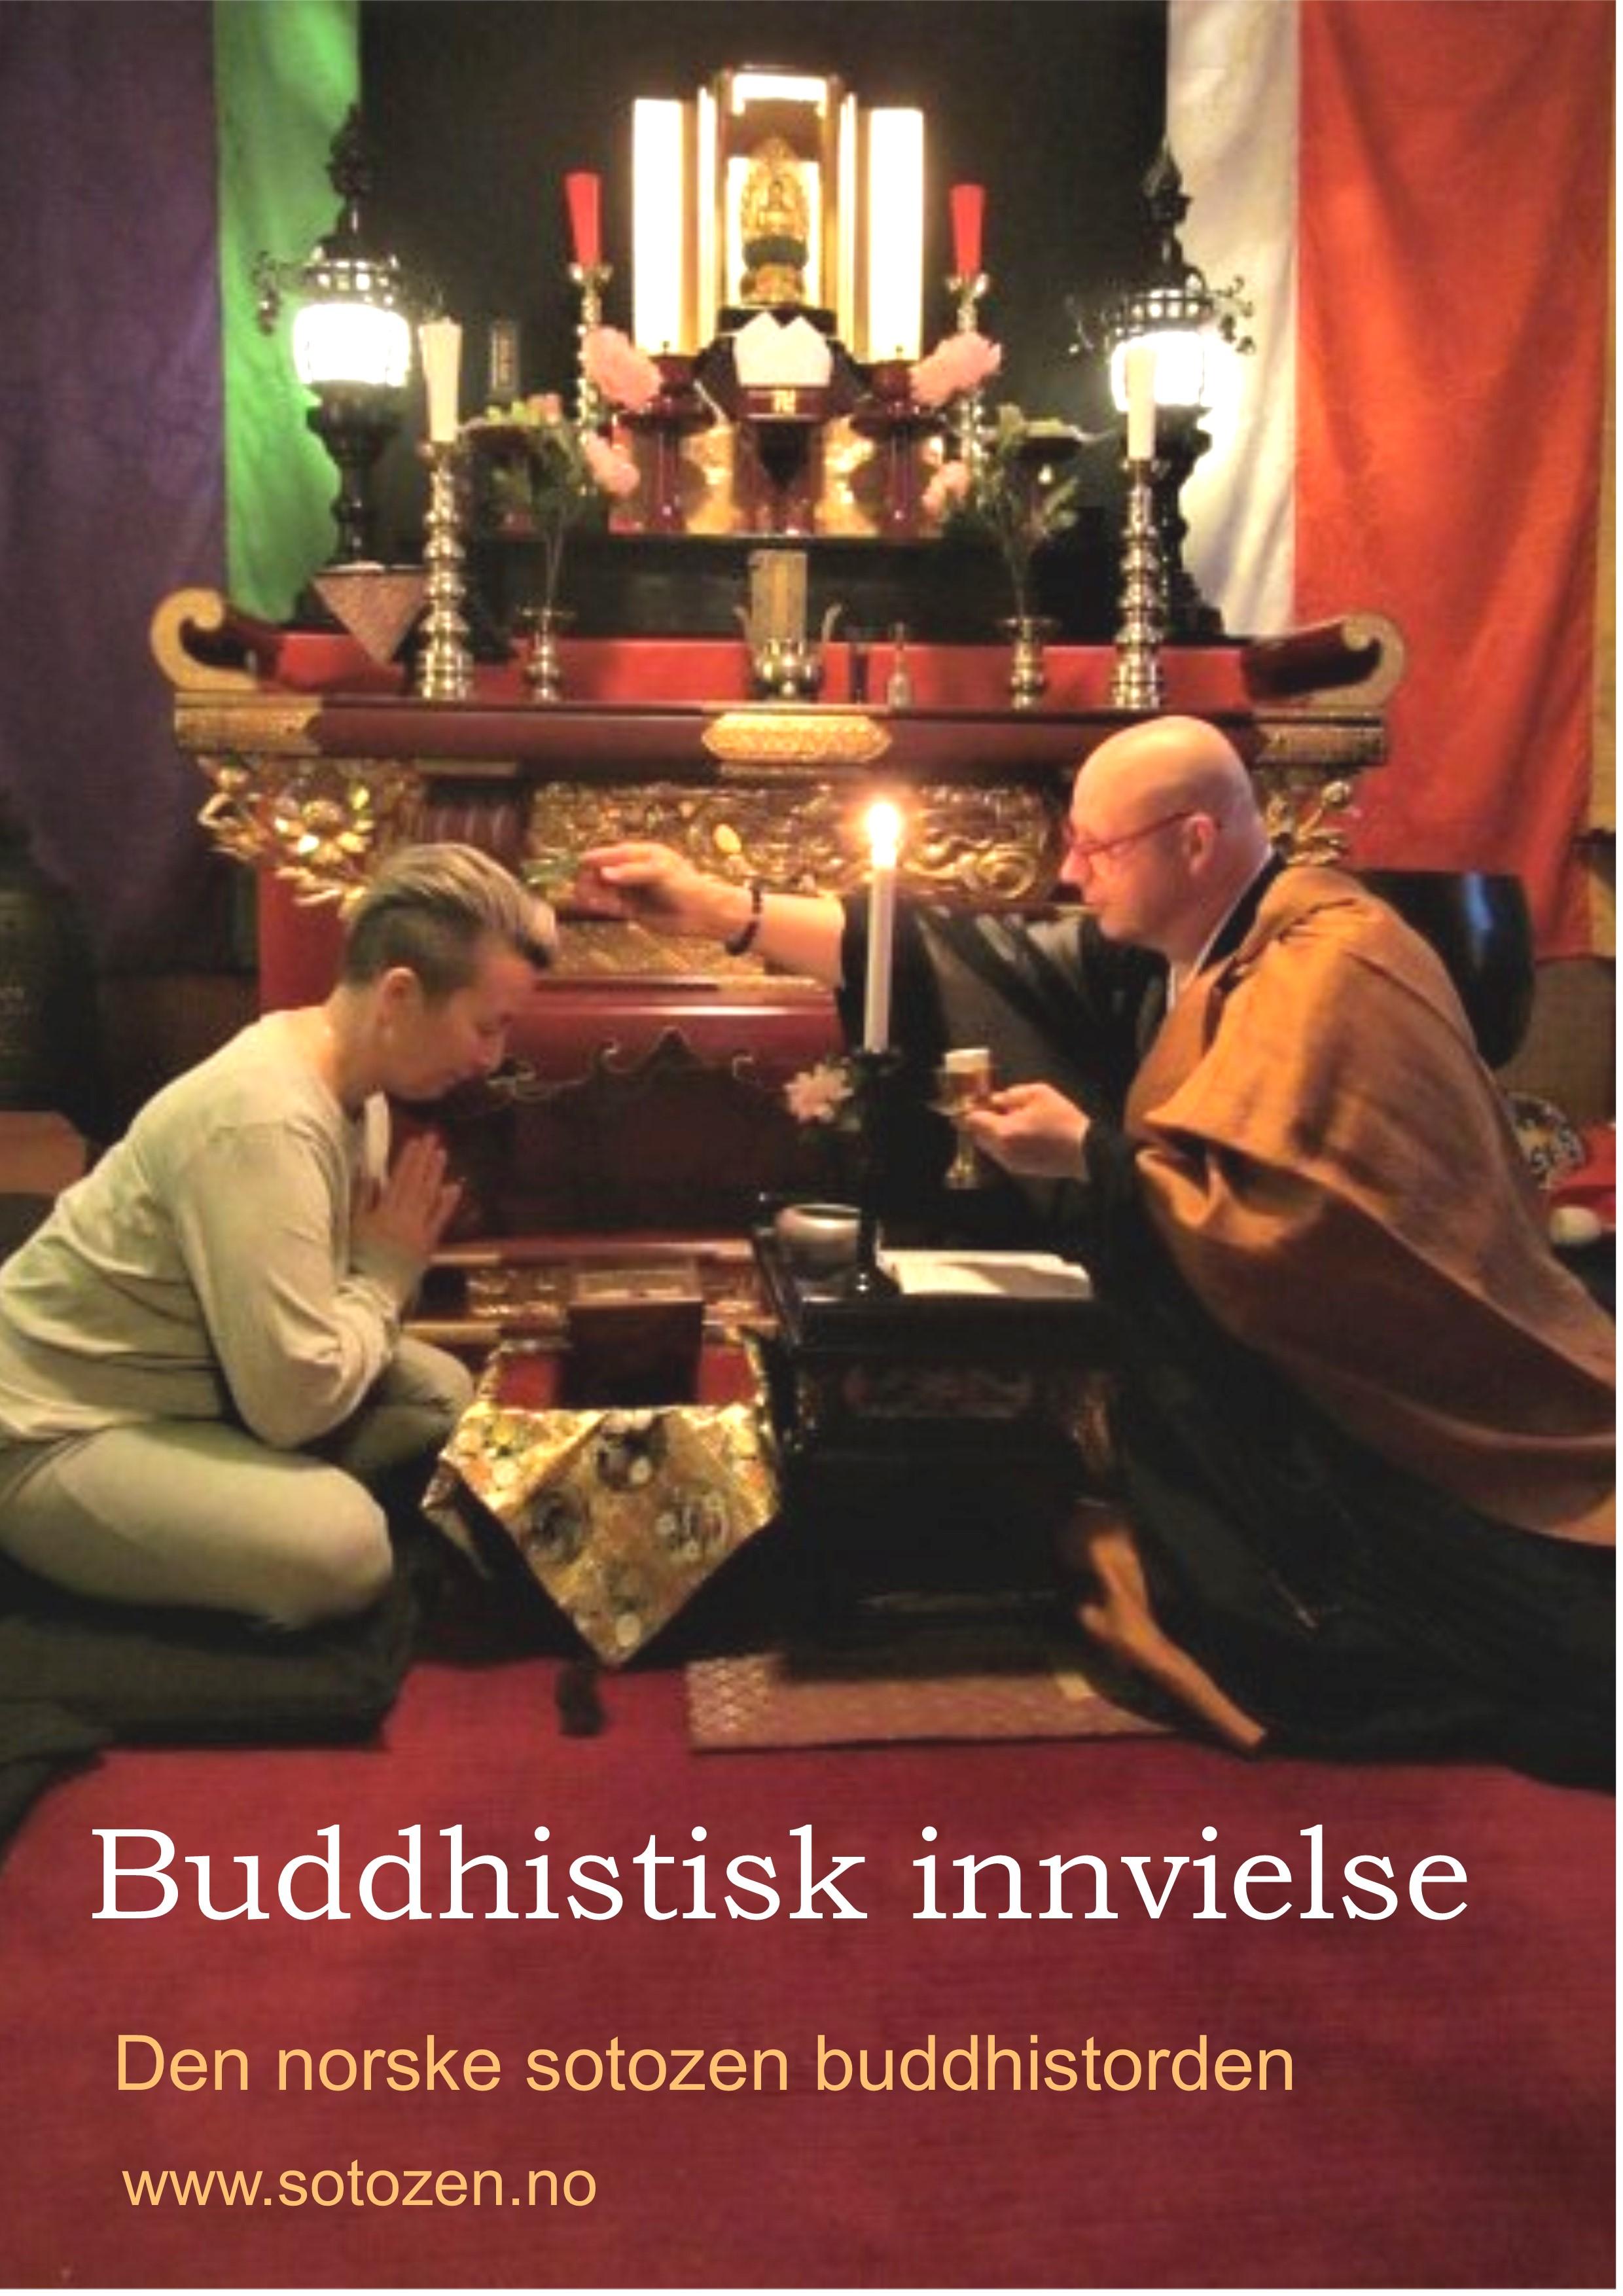 Buddhistisk innvielse mai 19.jpg